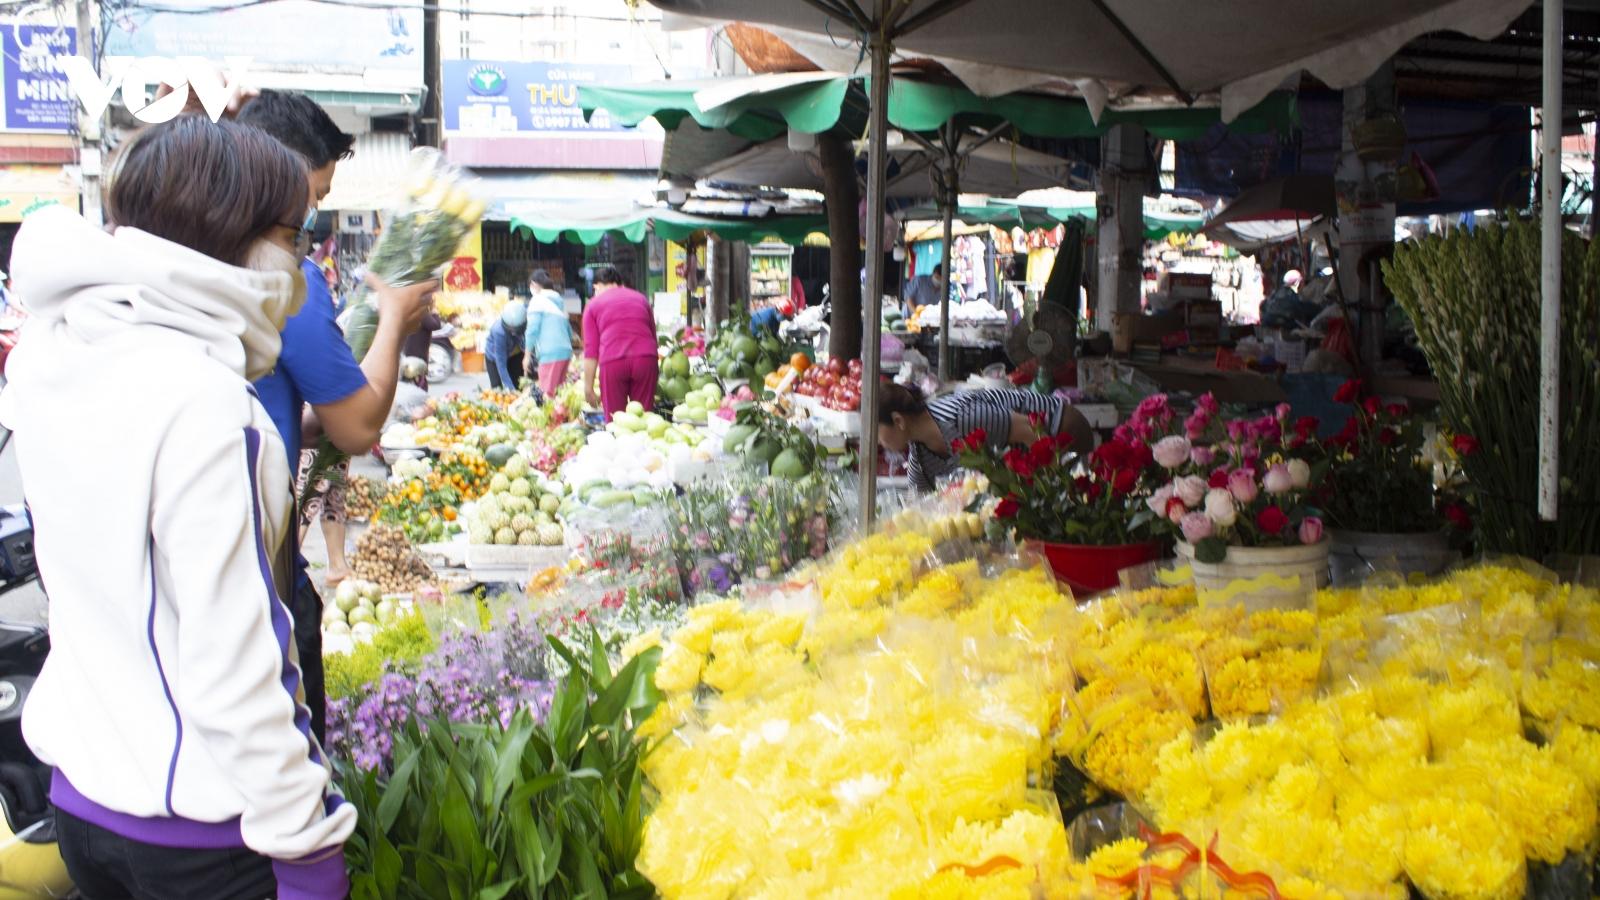 Ngày Rằm tháng Giêng, người dân TP HCM mua được nhiều hàng giá rẻ